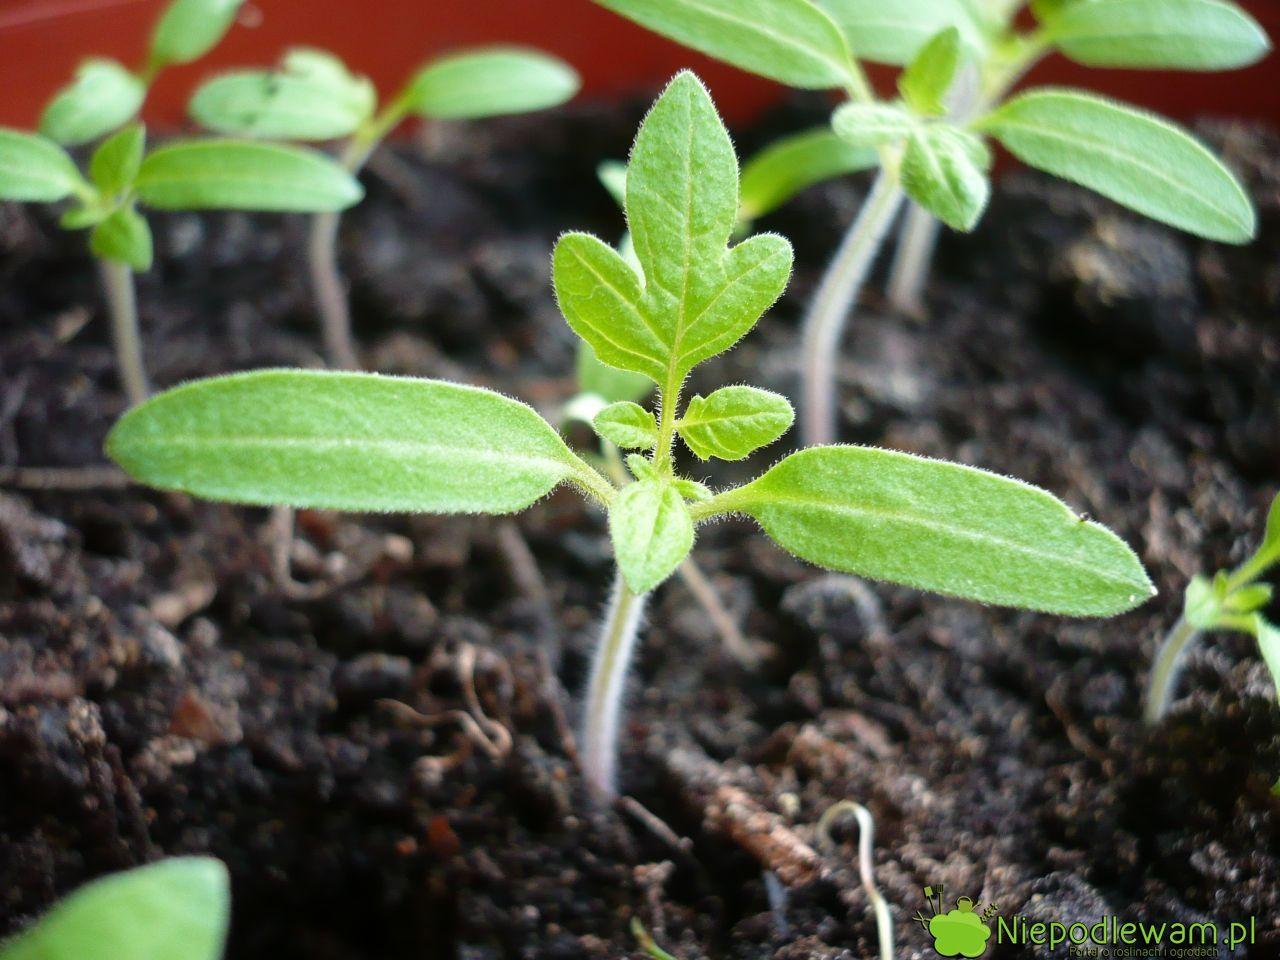 Nasiona Sieje Sie W Marcu Nie Pozniej Niz 15 Kwietnia Rozsada Pomidorow Nie Jest Trudna Do Przygotowania Mozna Siac Do Doniczek Plants Garden Garden Paths